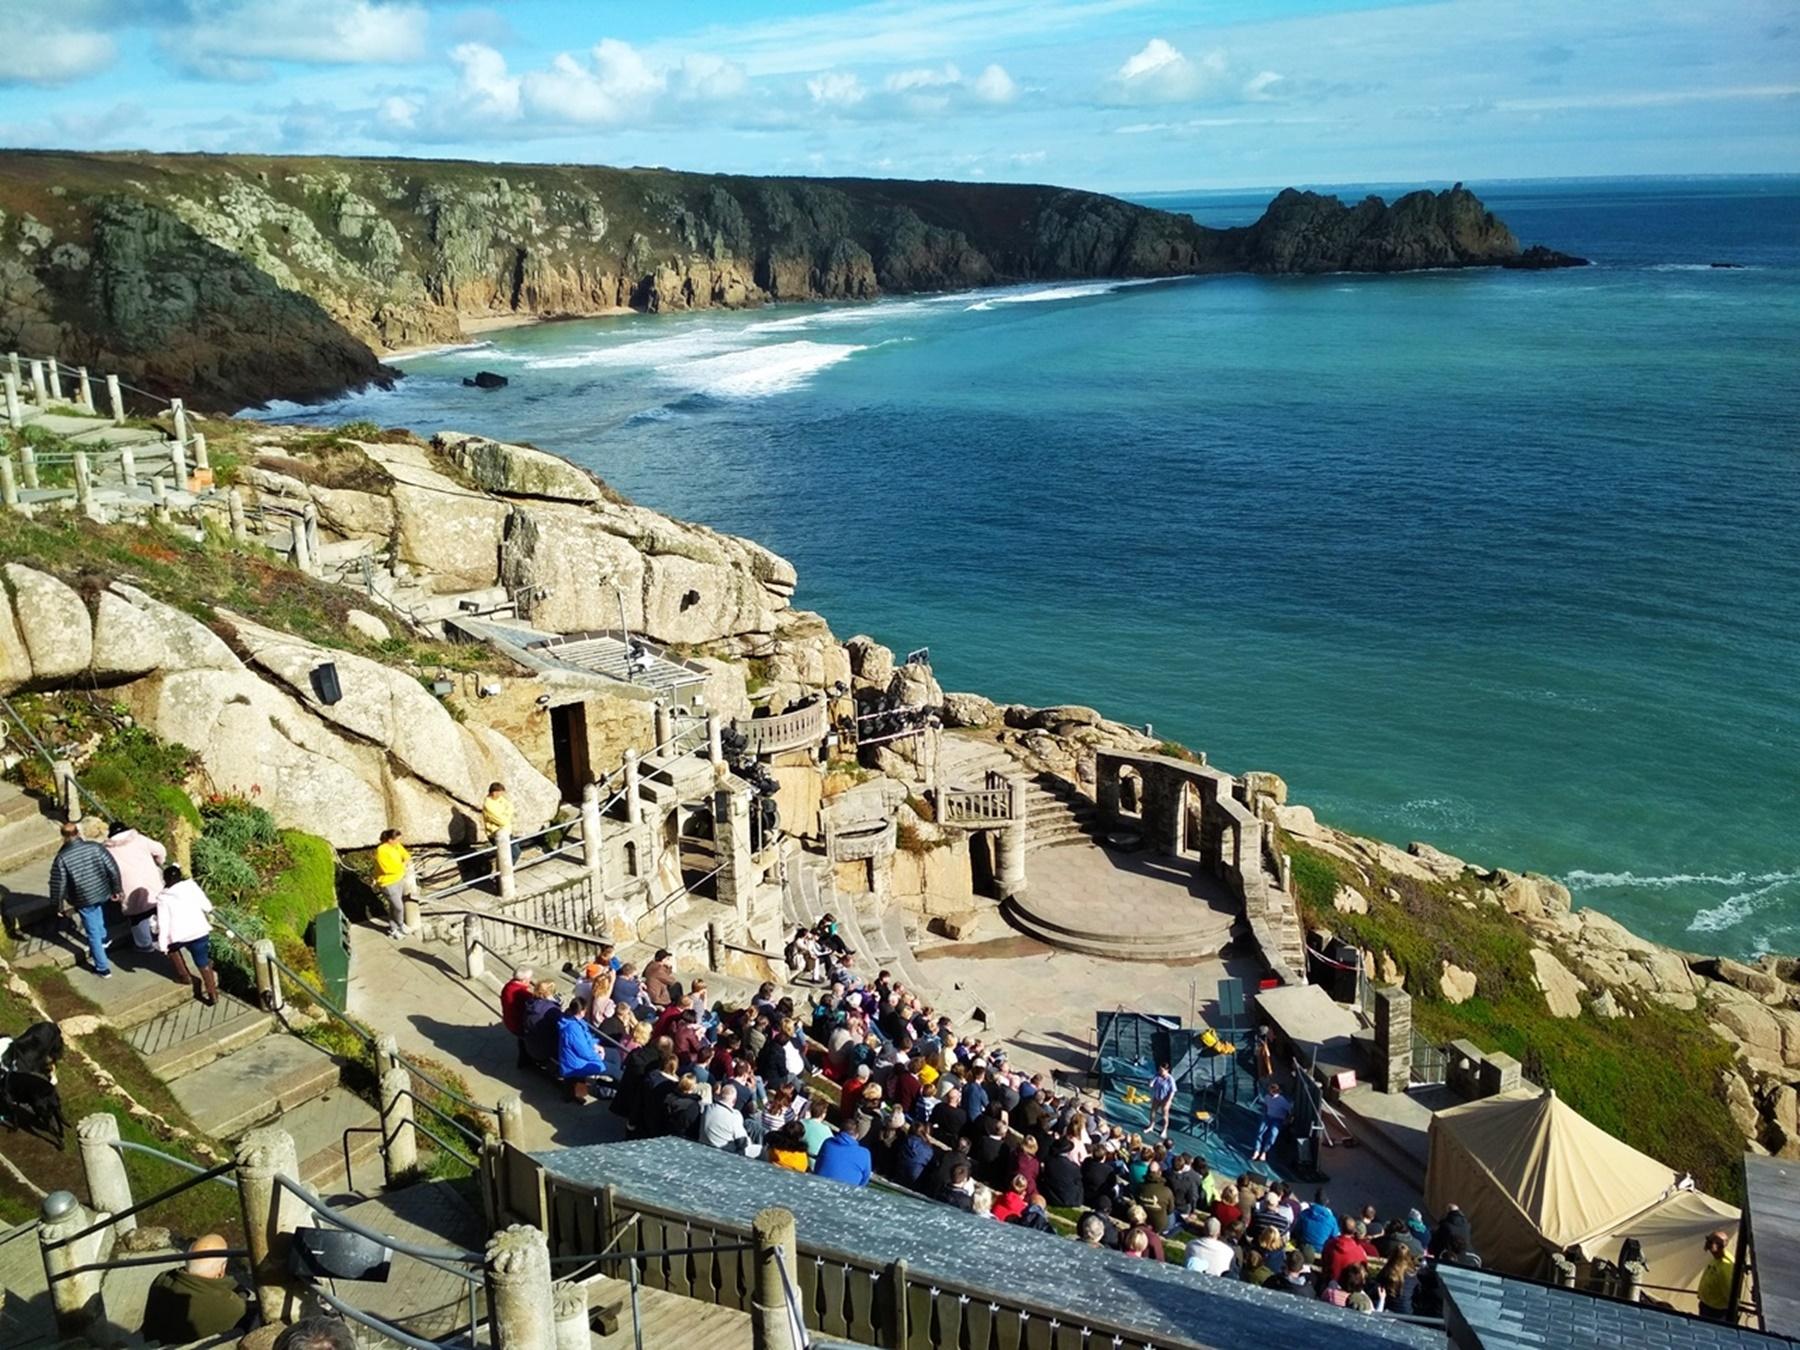 Teatro Minack en los acantilados de Cornualles Reino Unido lugares más originales a los que viajar